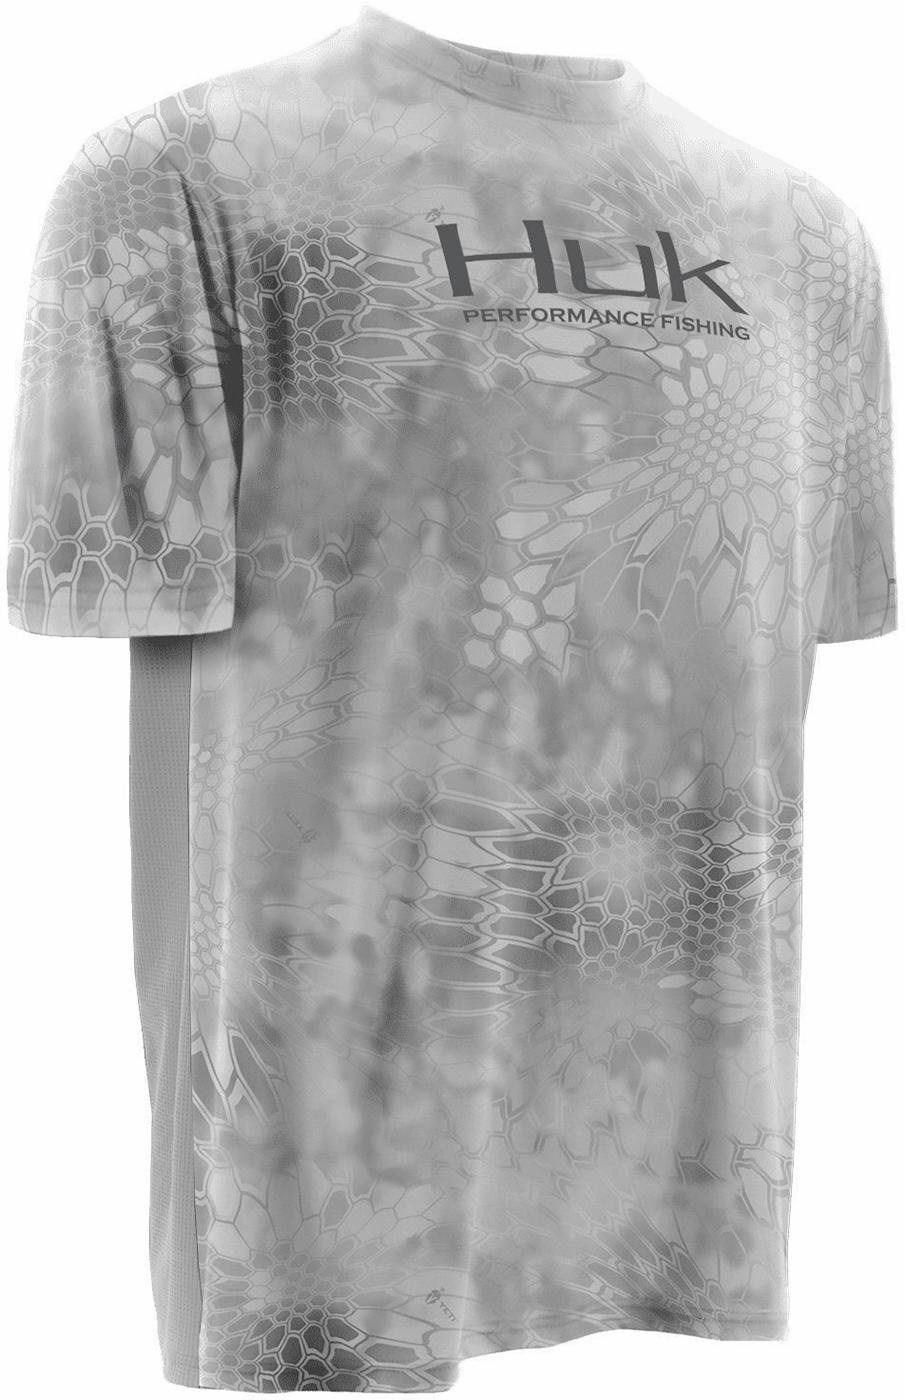 Huk Kryptek Icon Short Sleeve Shirt - Kryptek Yeti Grey - 3X-Large HUK-0251-6